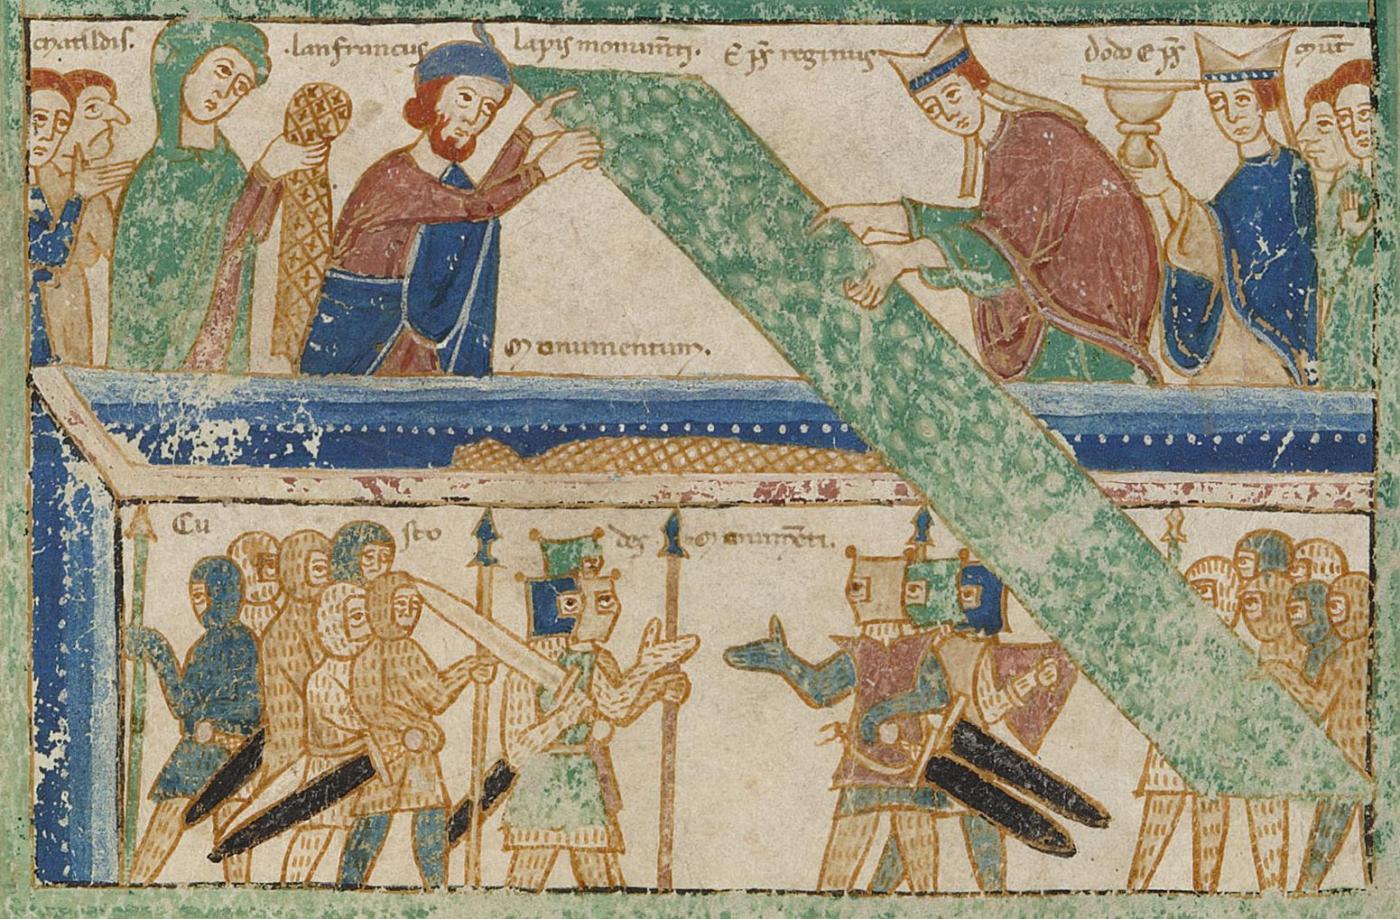 Apertura del sepolcro di San Geminiano nel 1106 (Ms. O.II.11)